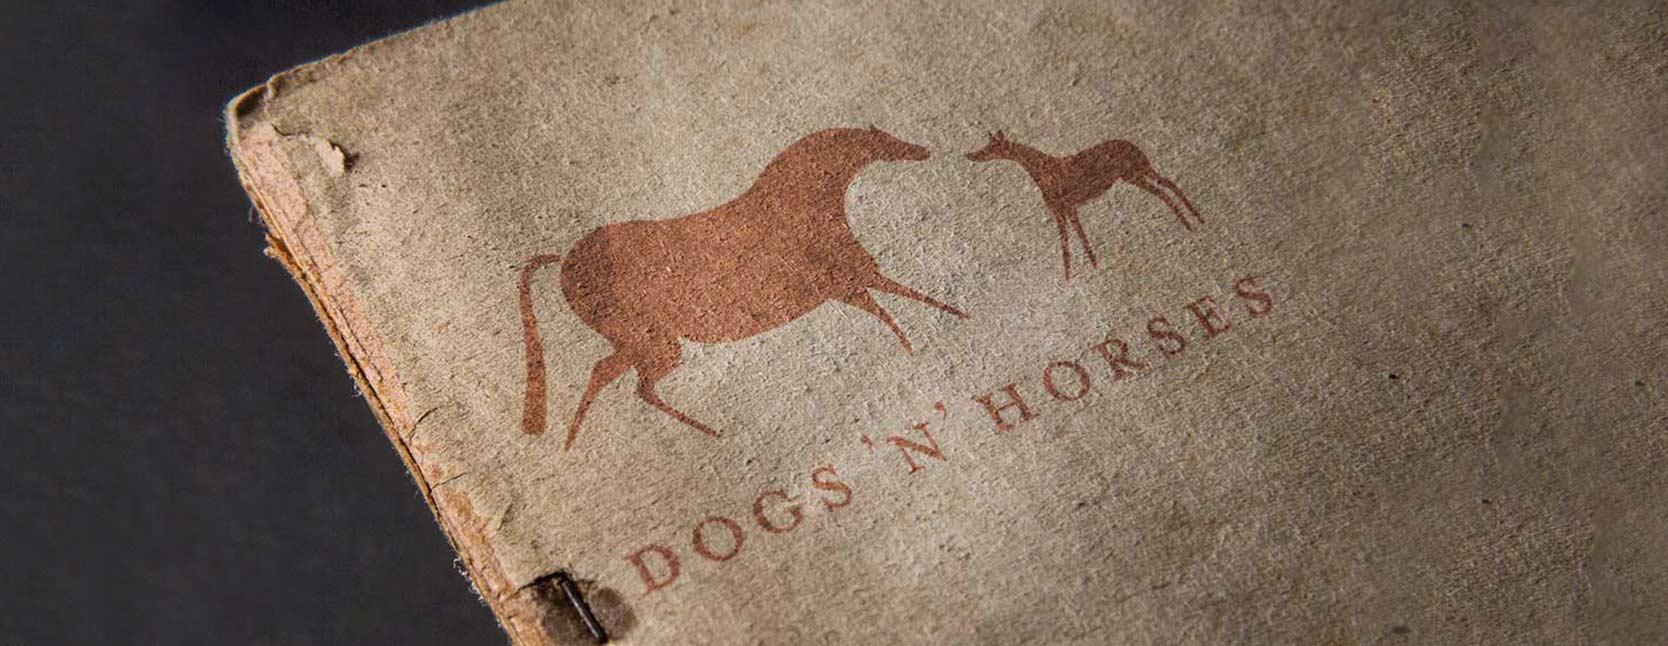 True Creative Agency Logo-Design Pferd: Das Logo zählt zu den wichtigsten Bestandteilen Ihres Corporate Designs. Wir legen daher besonders viel Wert auf eine individuelle und außergewöhnliche Gestaltung, welche Ihr Unternehmen im Wettbewerb klar differenziert.